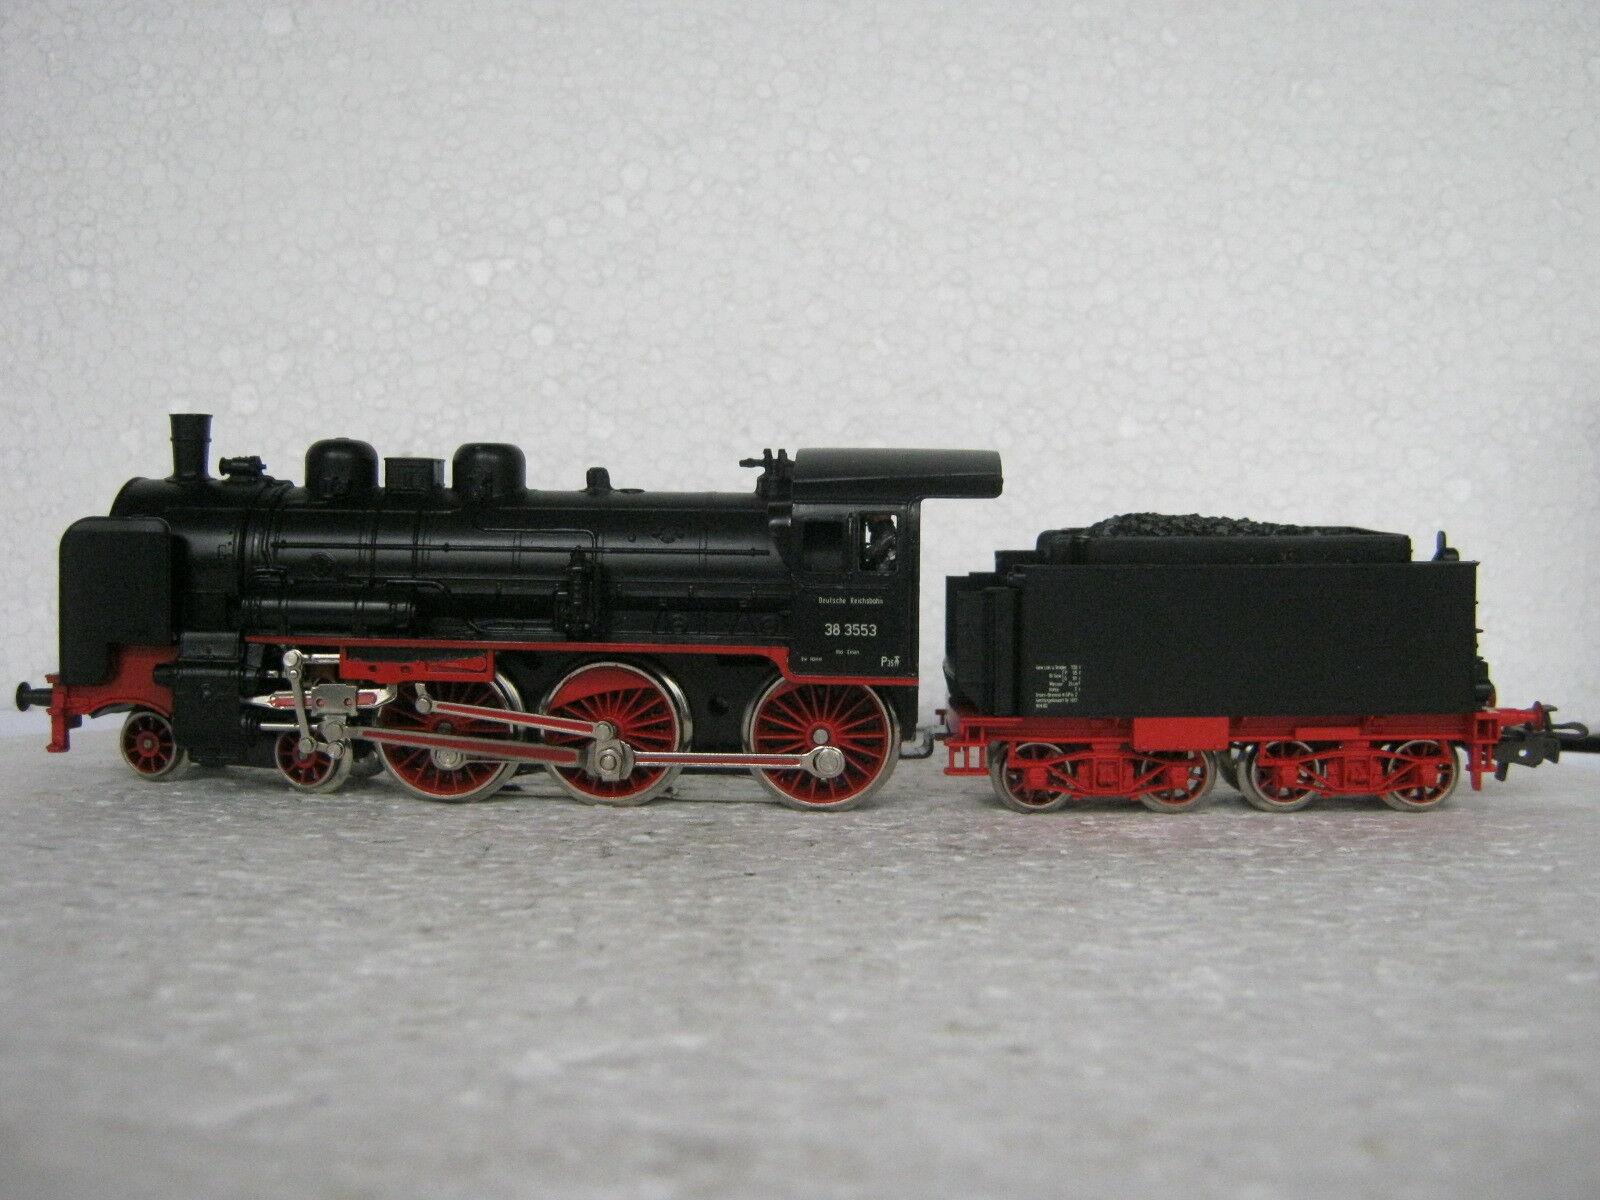 HO/AC 3099 a Vapore Locomotiva Br 38 DRG 3553  co/39-44r7/15